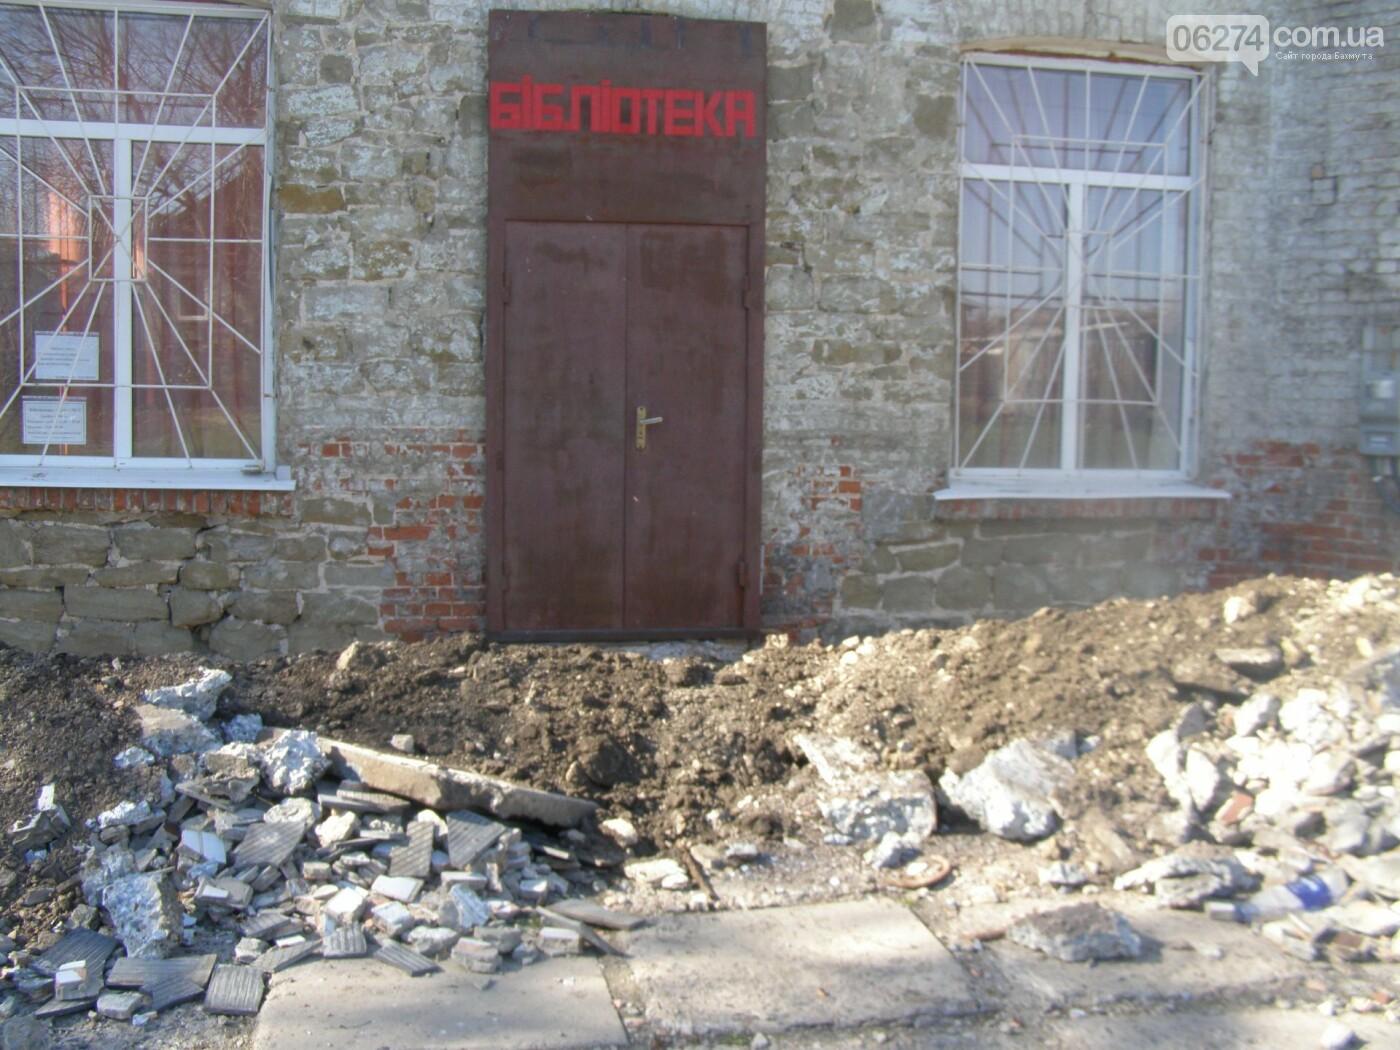 Сельский клуб в Ивановском станет современным центром культуры, фото-2